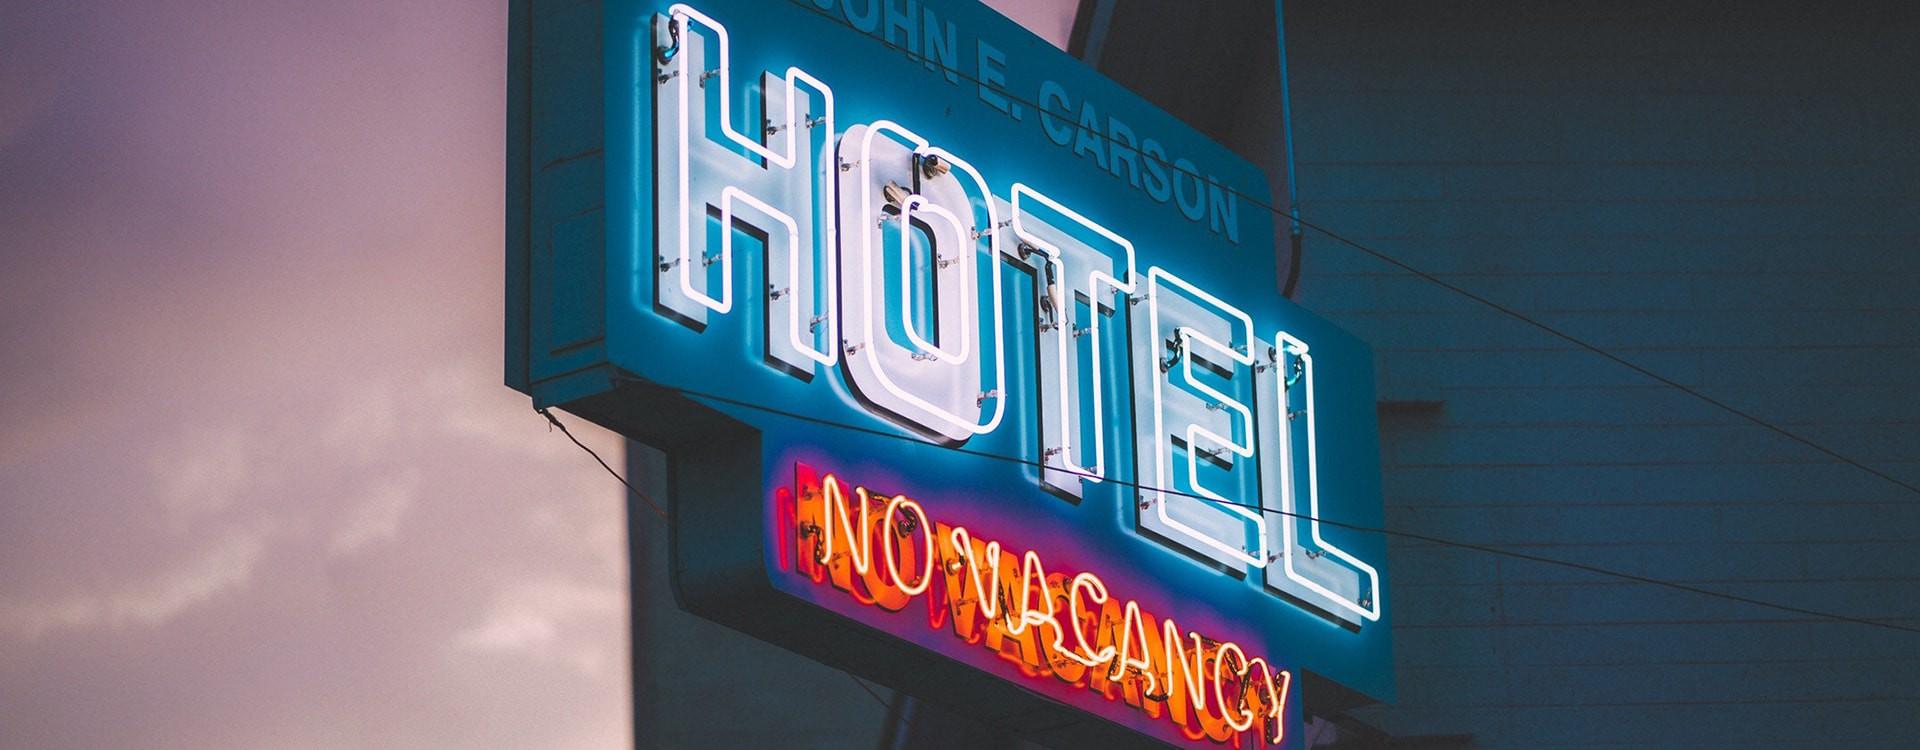 5 hôtels insolites où dormir aux Etats-Unis